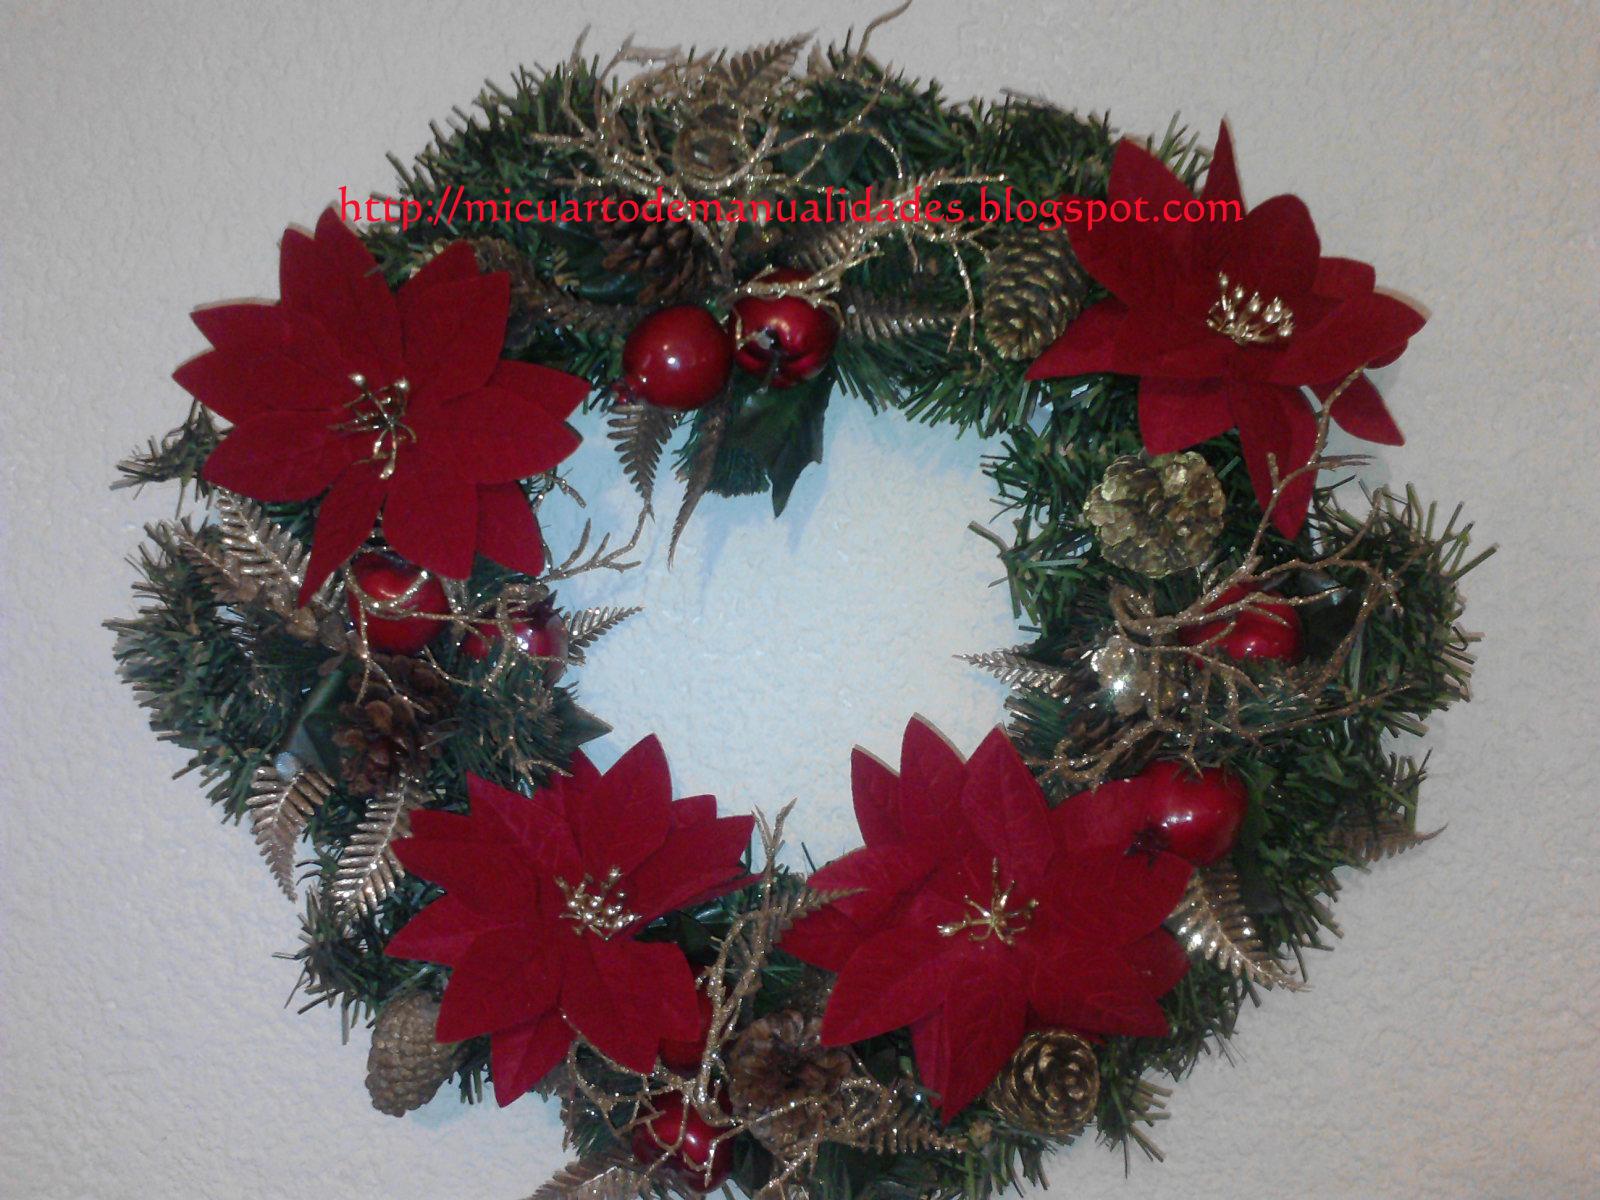 Divertidas Decoraciones Navide/ñAs como El Grinch Rob/ó La Corona De Arpillera De Navidad Corona De Navidad para Decoraci/ón Navide/ña Corona De Pap/á Noel para Sala De Estar Y Ventana De Pared 201009